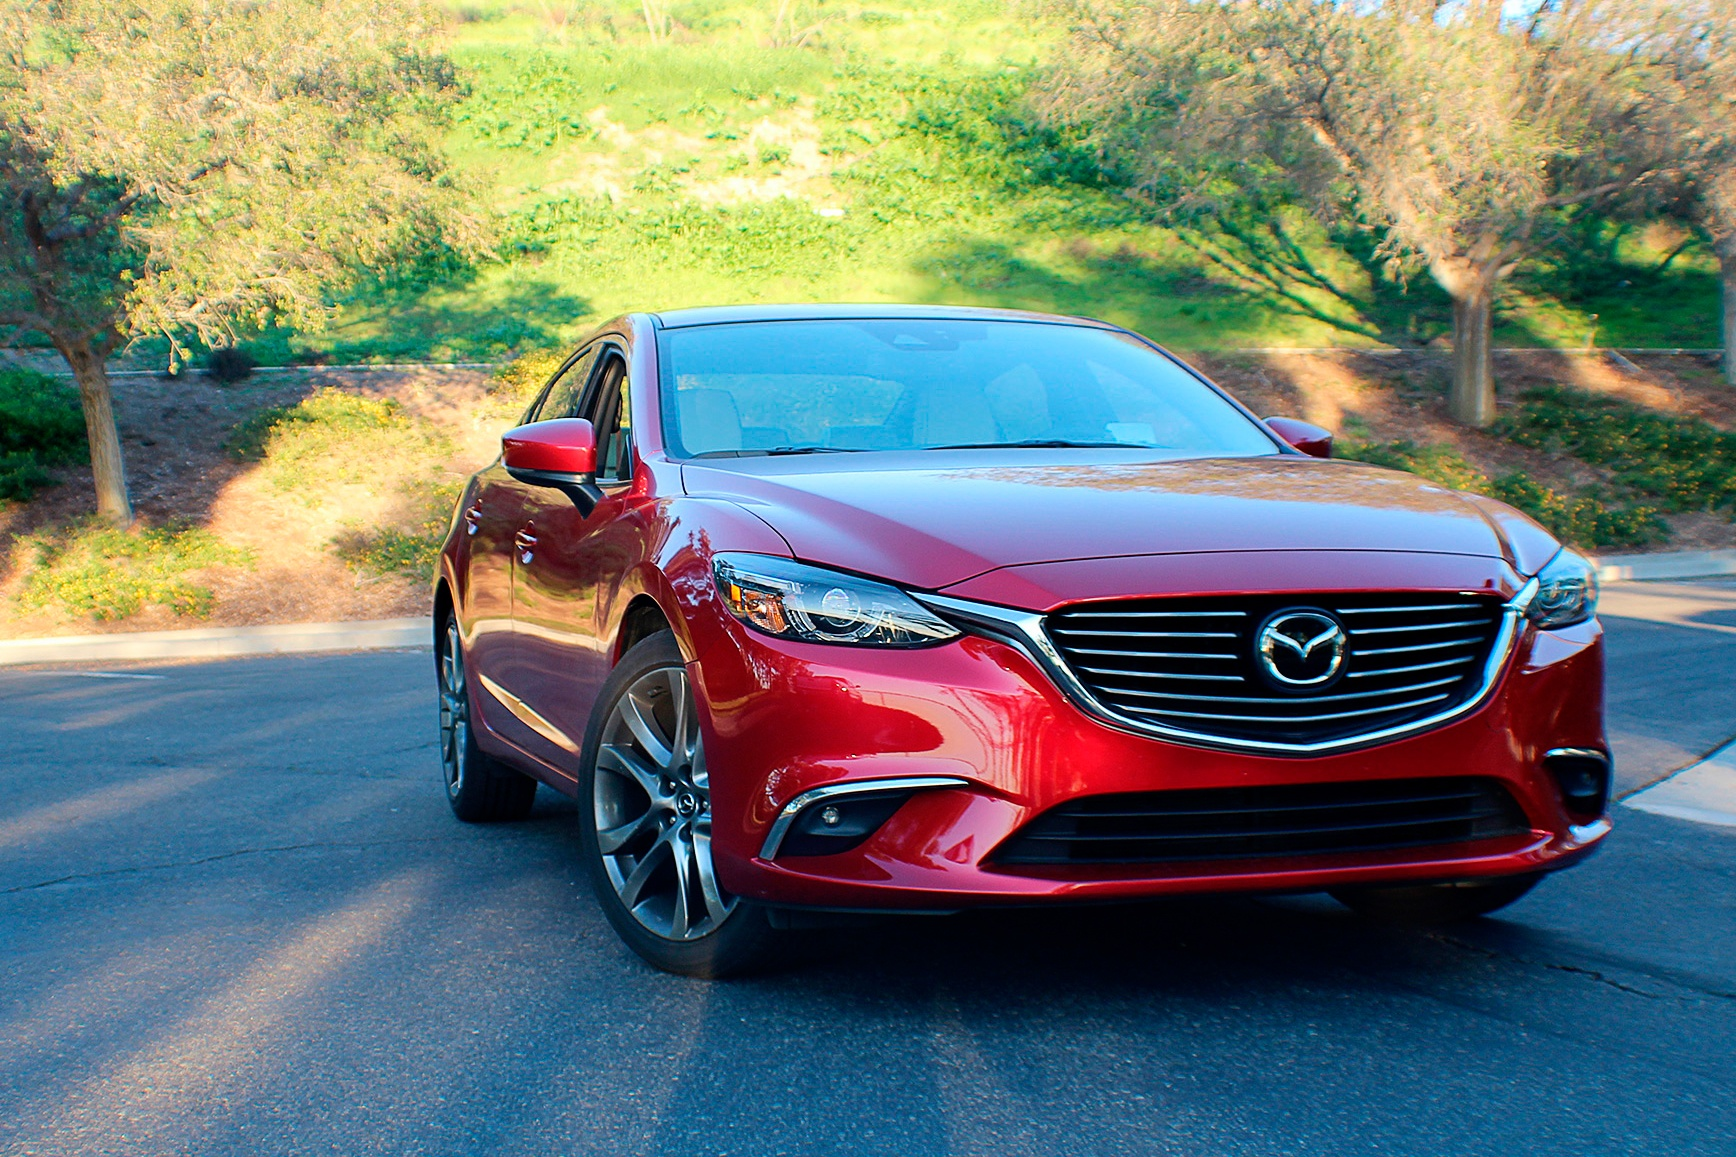 Новая Mazda 6 2019 остается одной из самых крутых авто в современном автопроме и не потому что интерьер стал богаче а потому что машина имеет одно из лучших шасси